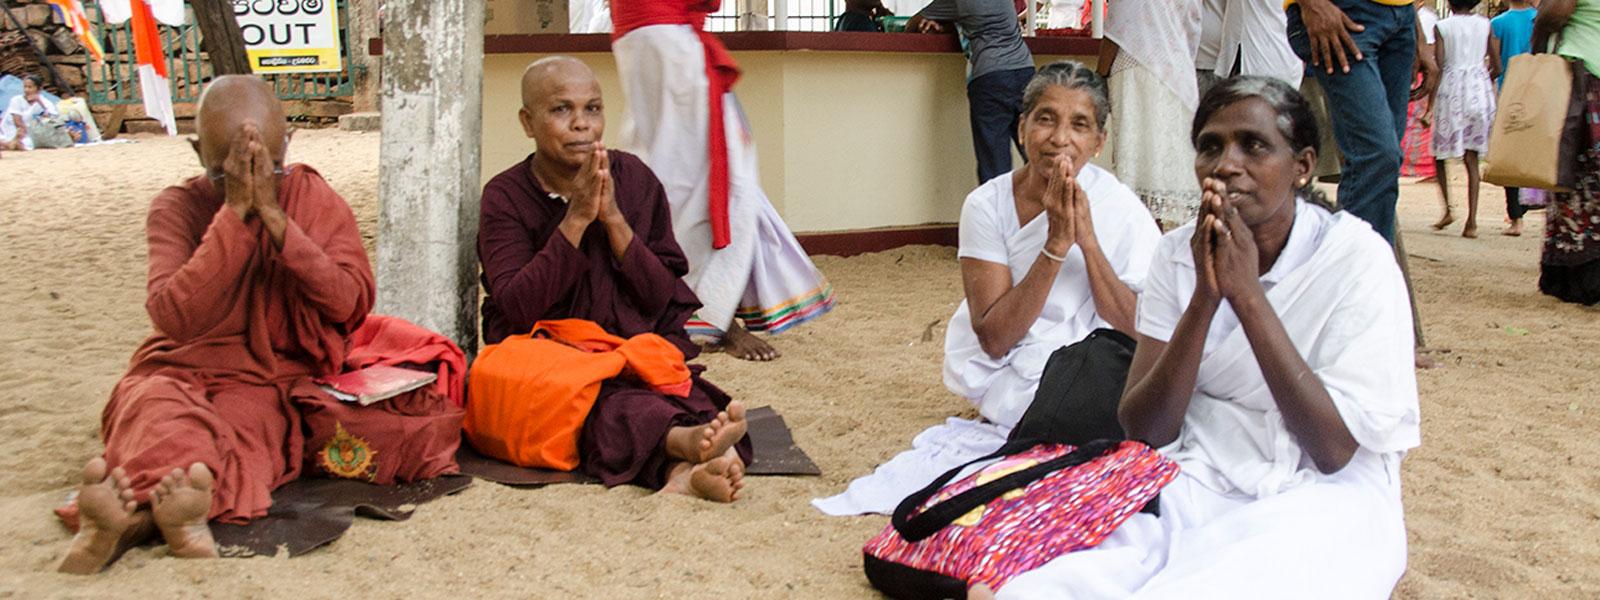 Lankijska etykieta czyli rady, zasady i zwyczaje obowiązujące na Sri lance